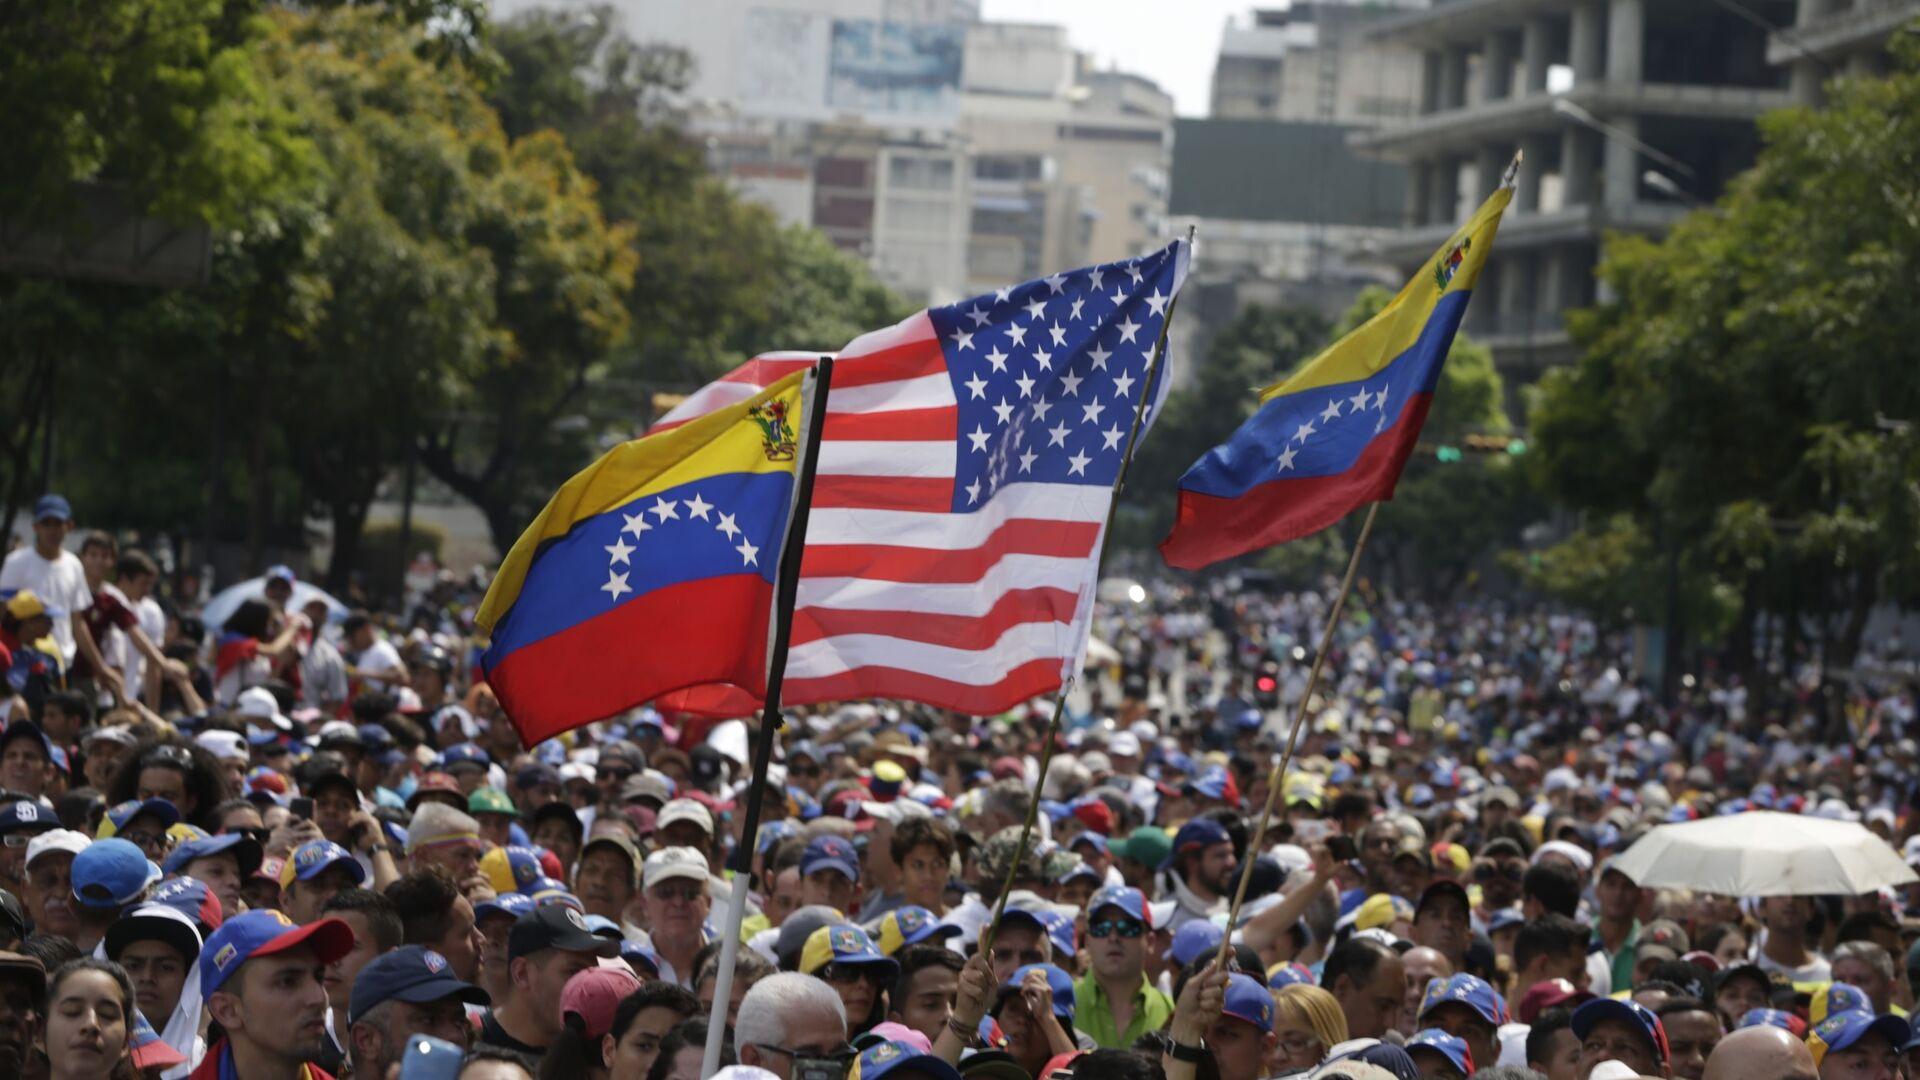 Banderas de Venezuela y EEUU - Sputnik Mundo, 1920, 30.04.2021